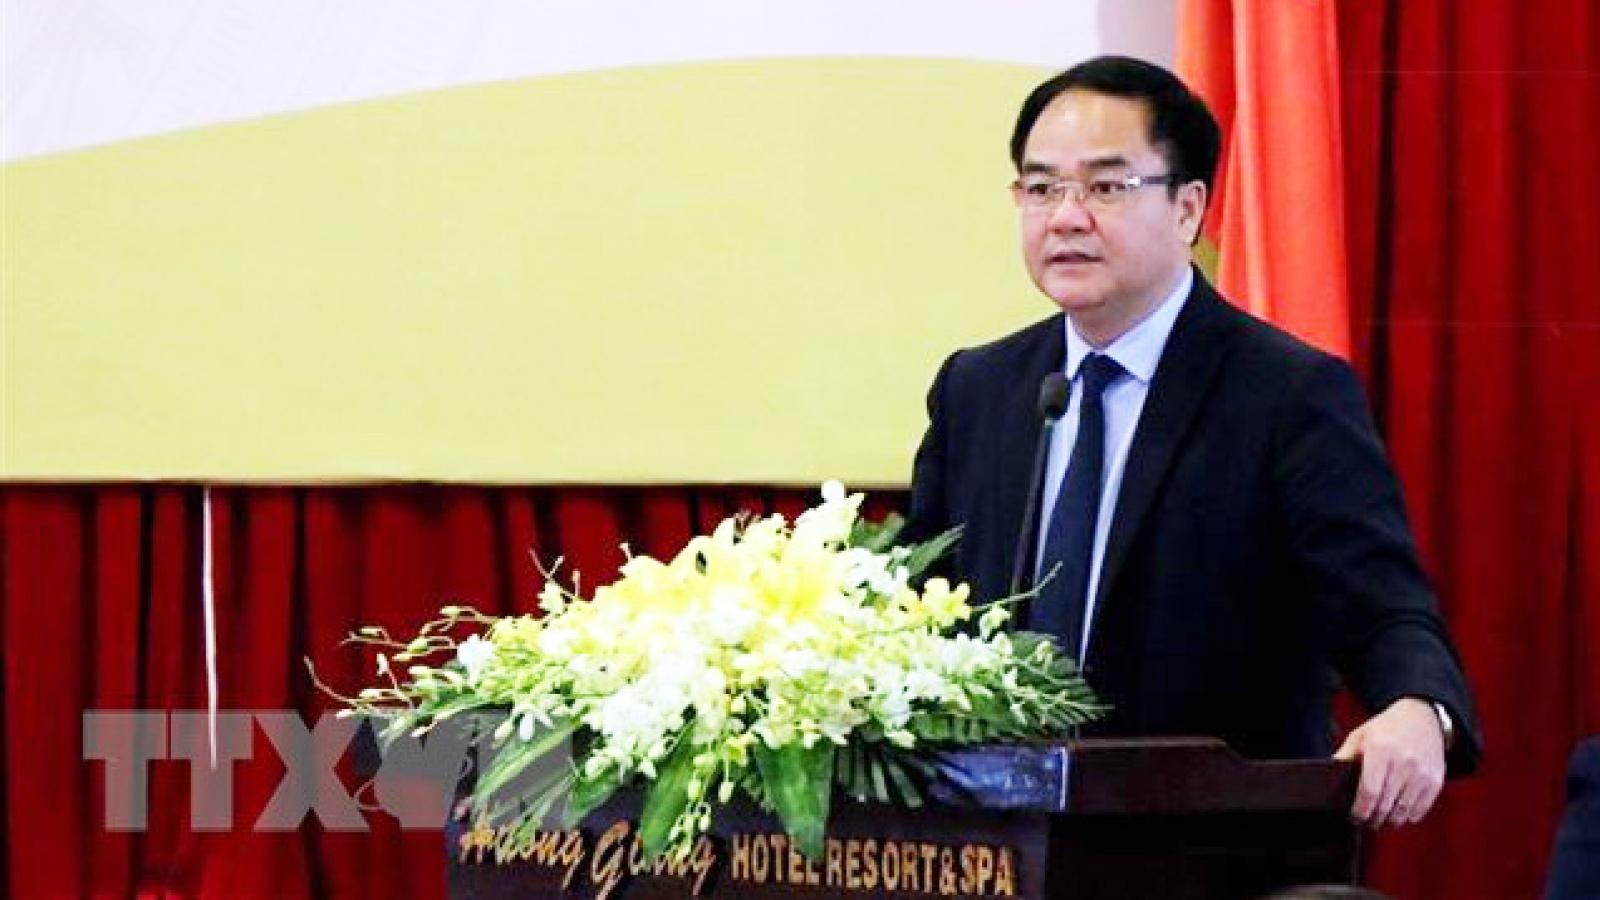 Thứ trưởng Bộ Nội vụ: Chính quyền không phân biệt đối xử với tôn giáo